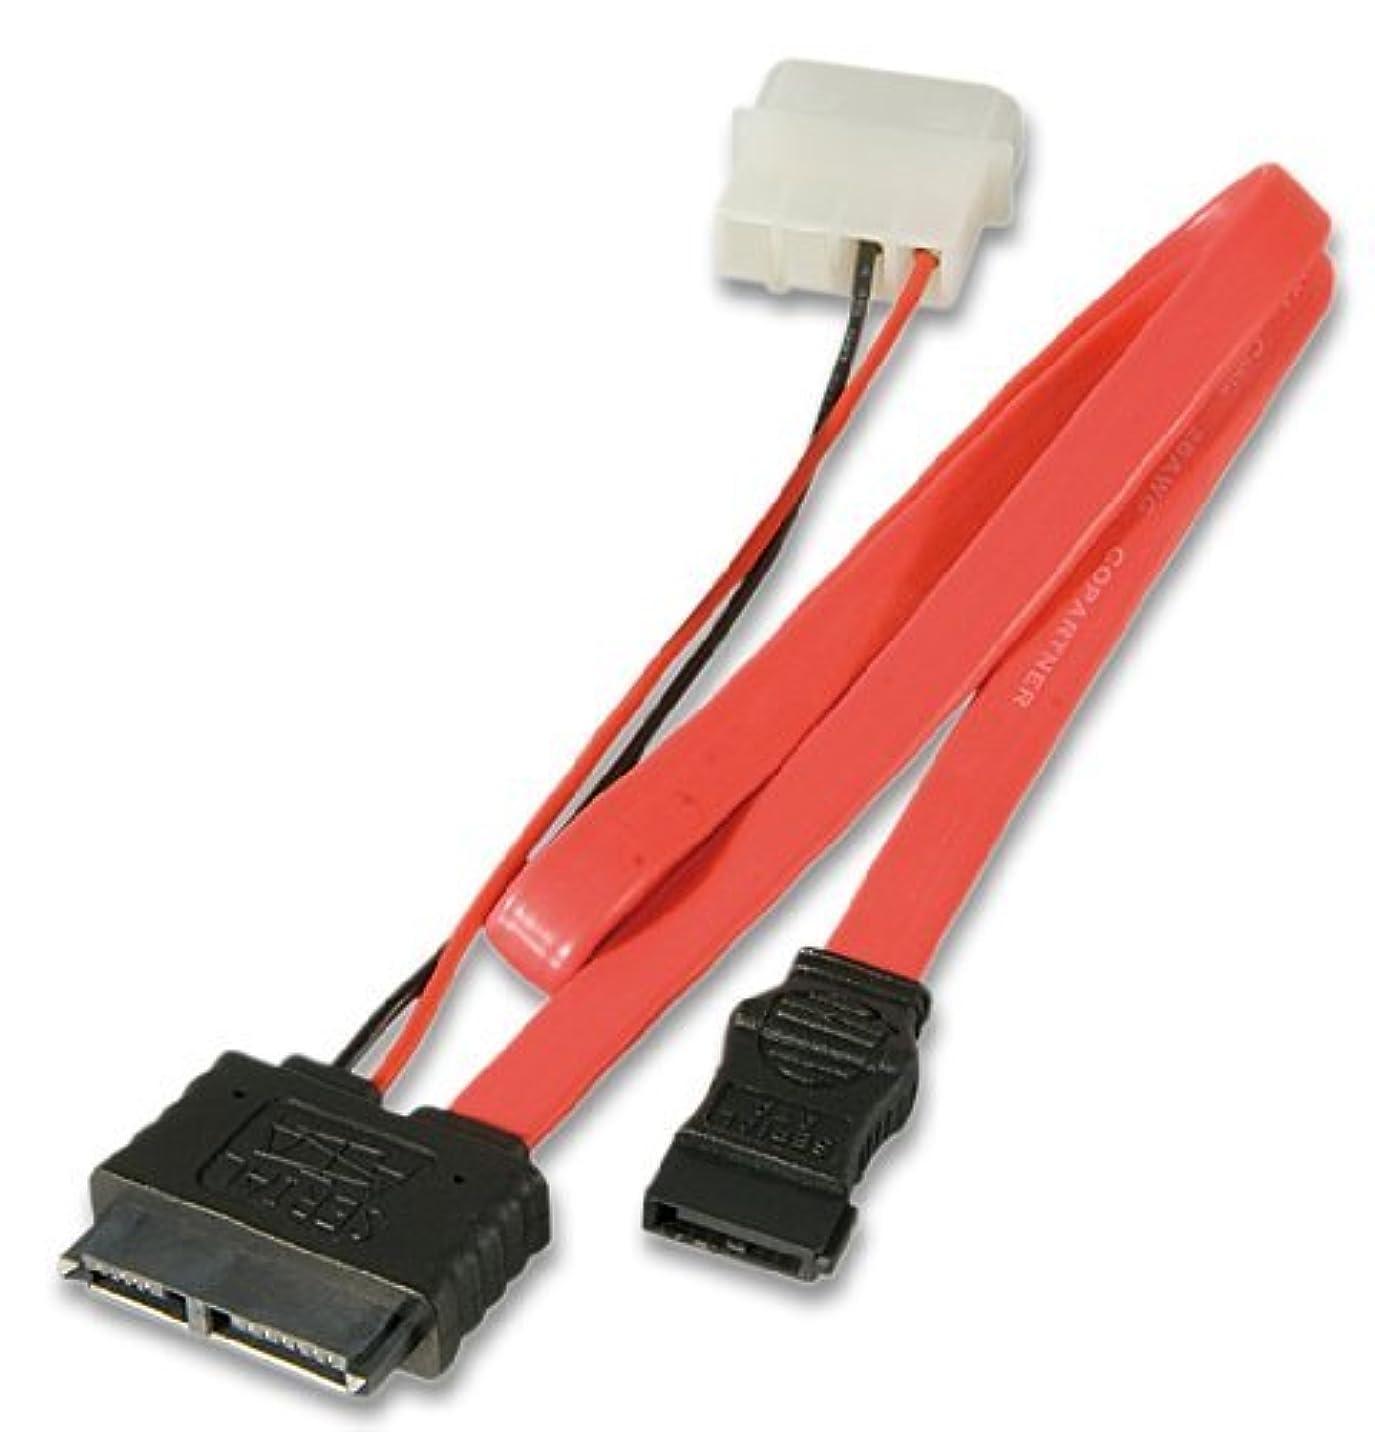 に変わる作曲する政治家のLindy 0.3m Slimline SATA Cable with 5.25 PSU Power Connection (33607) [並行輸入品]